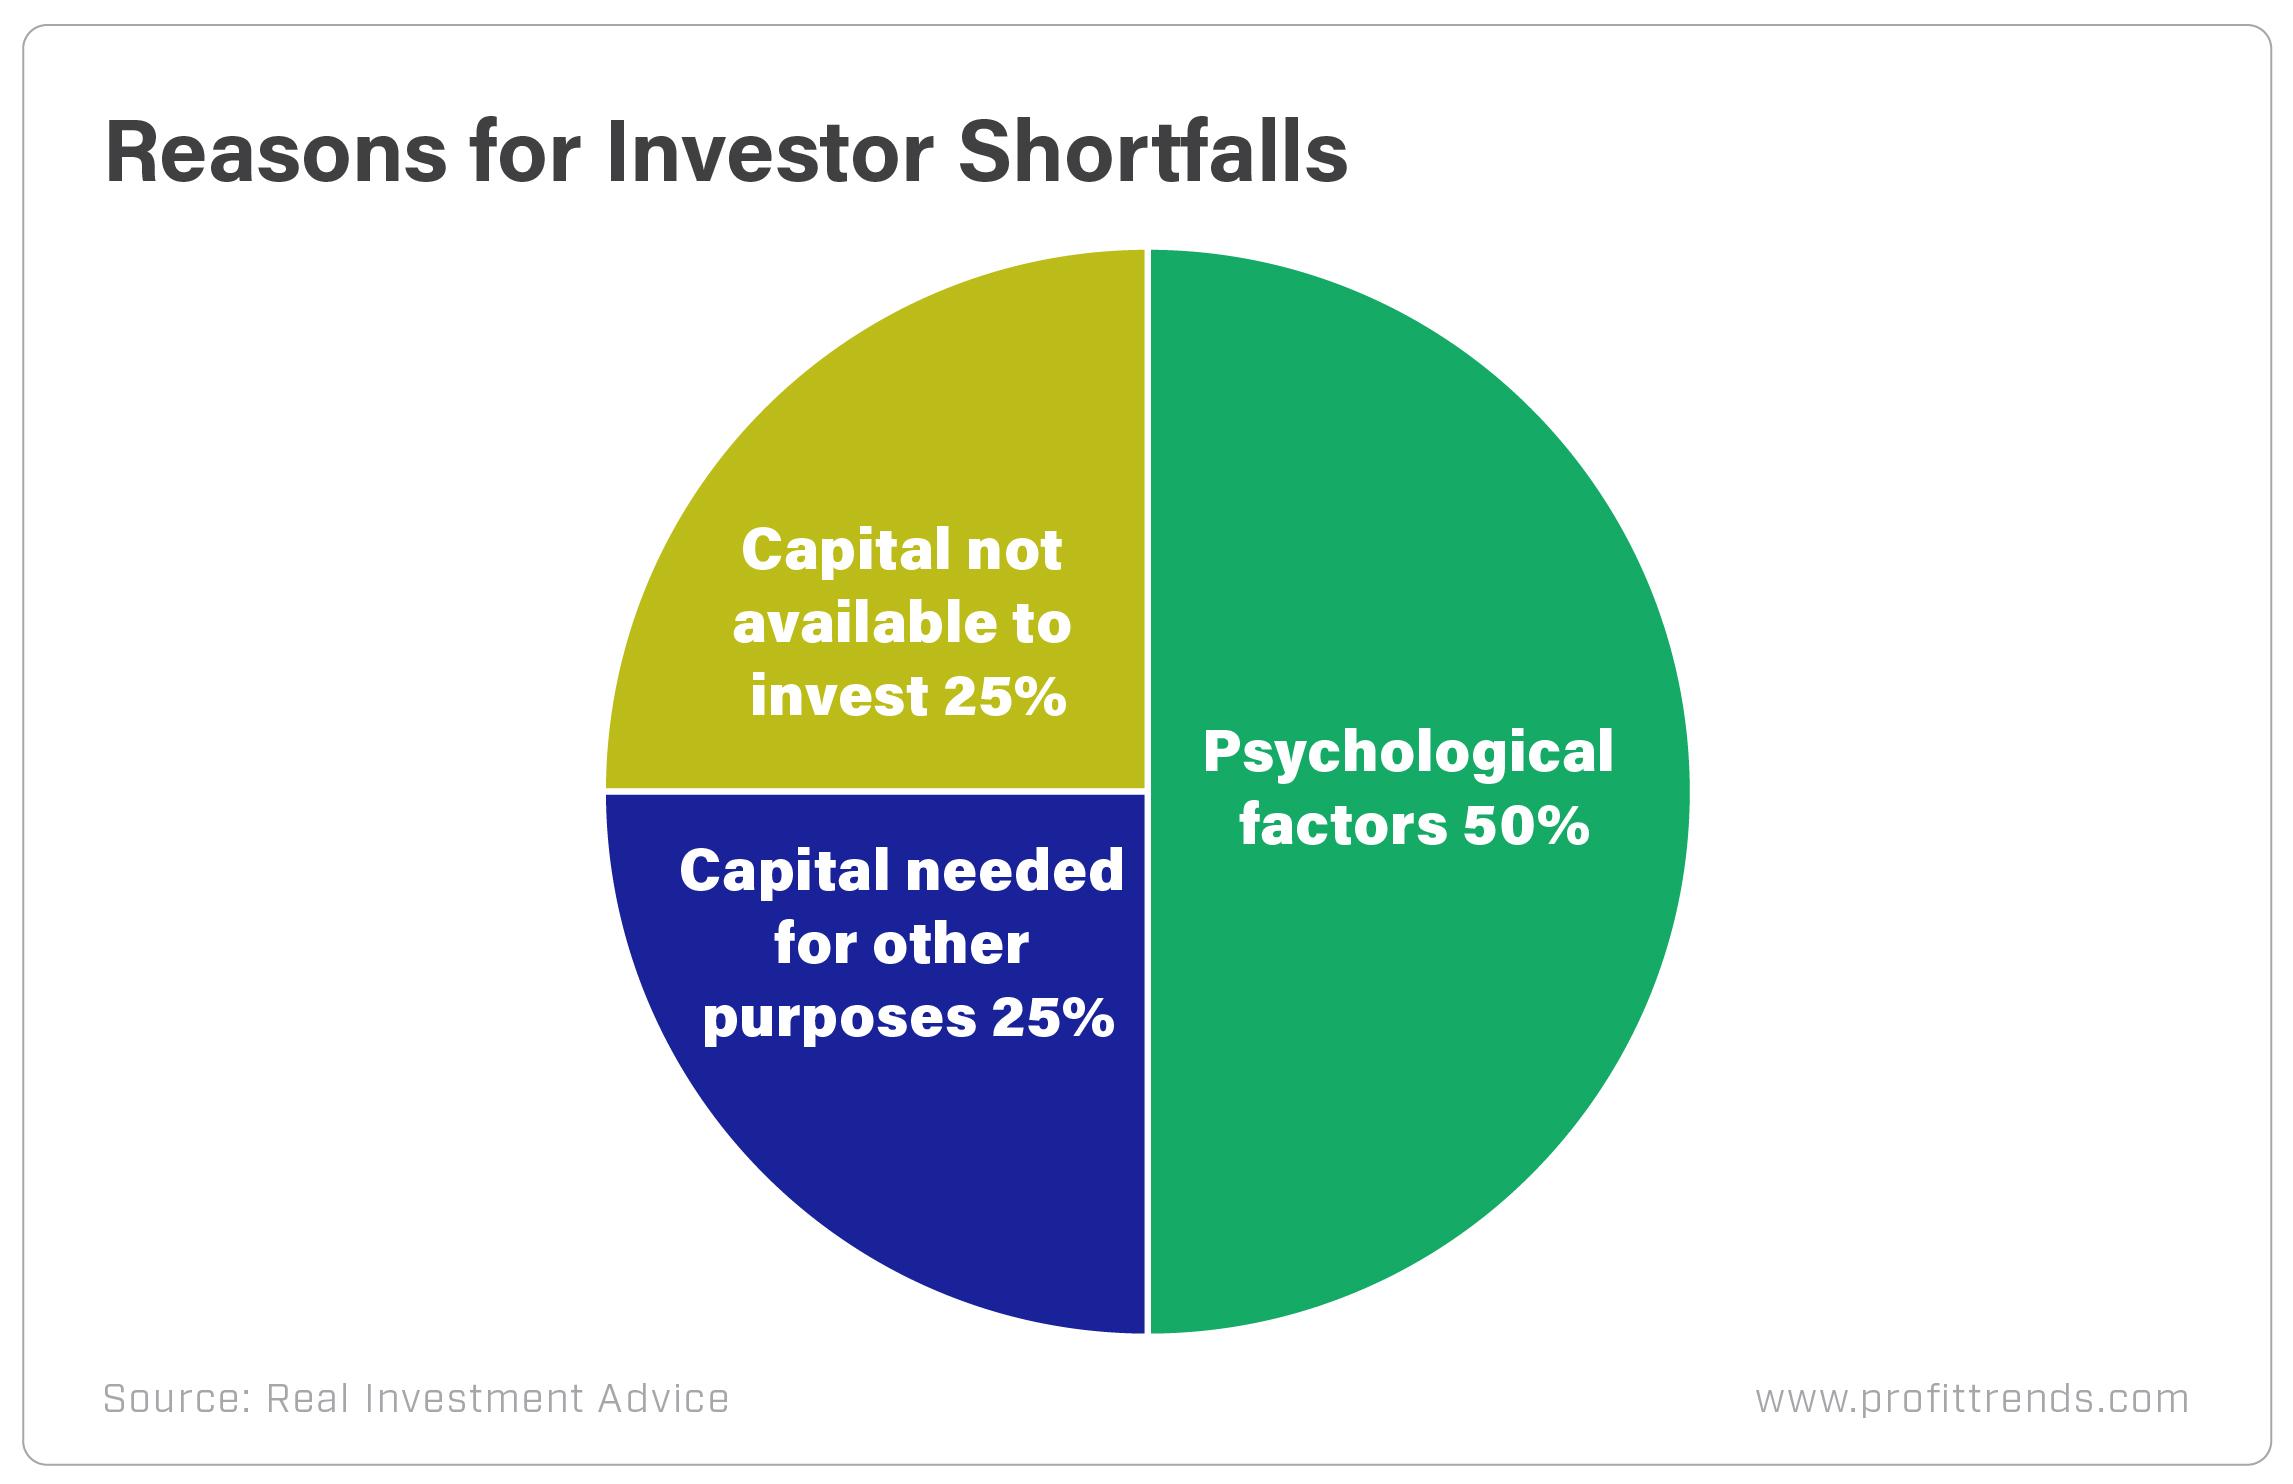 Reasons for Investor Shortfalls